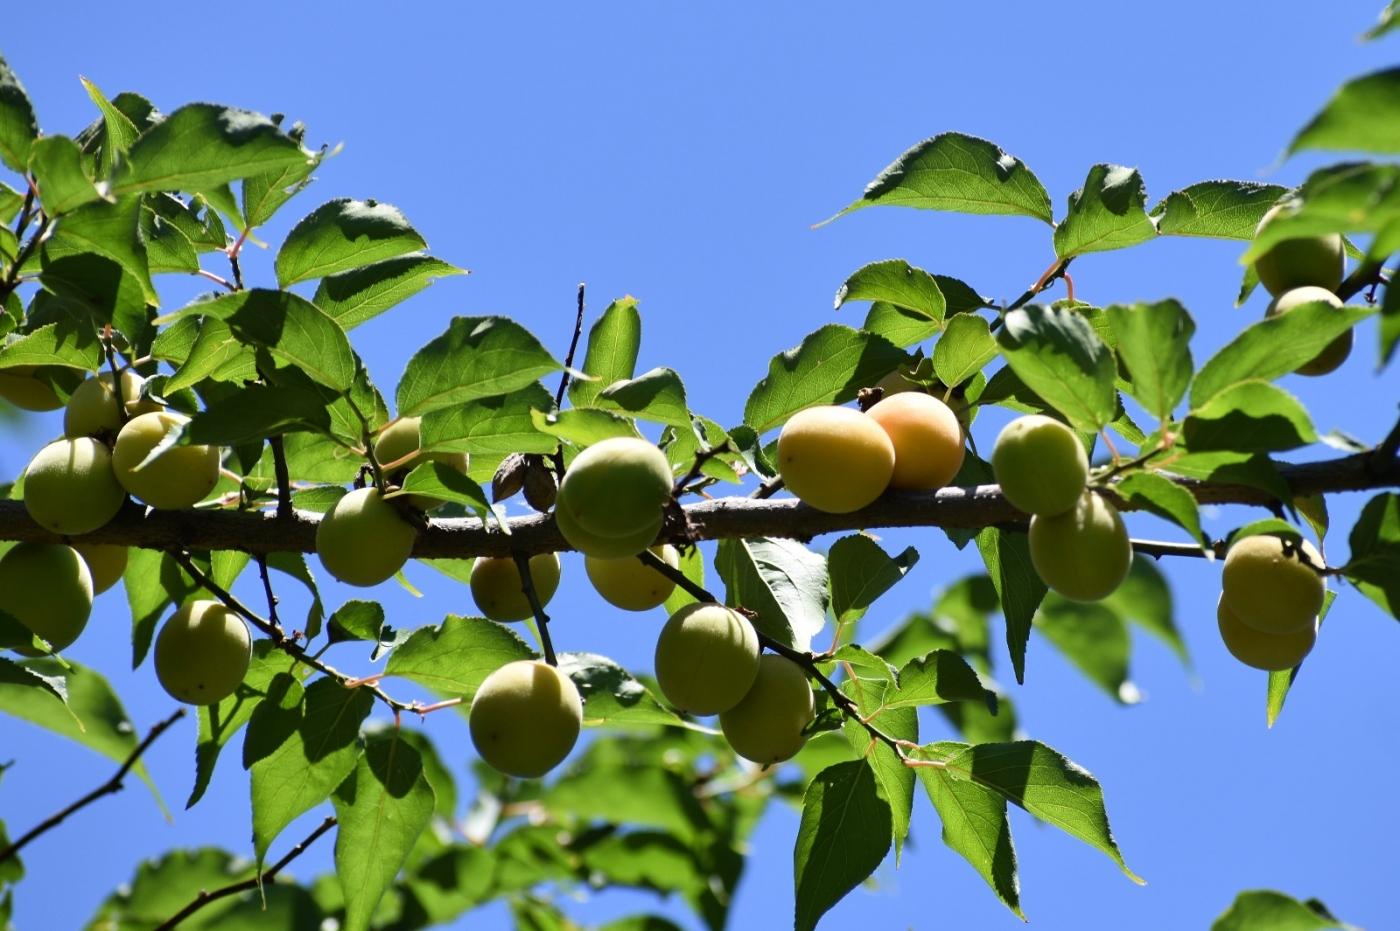 梅花的果实_图1-23